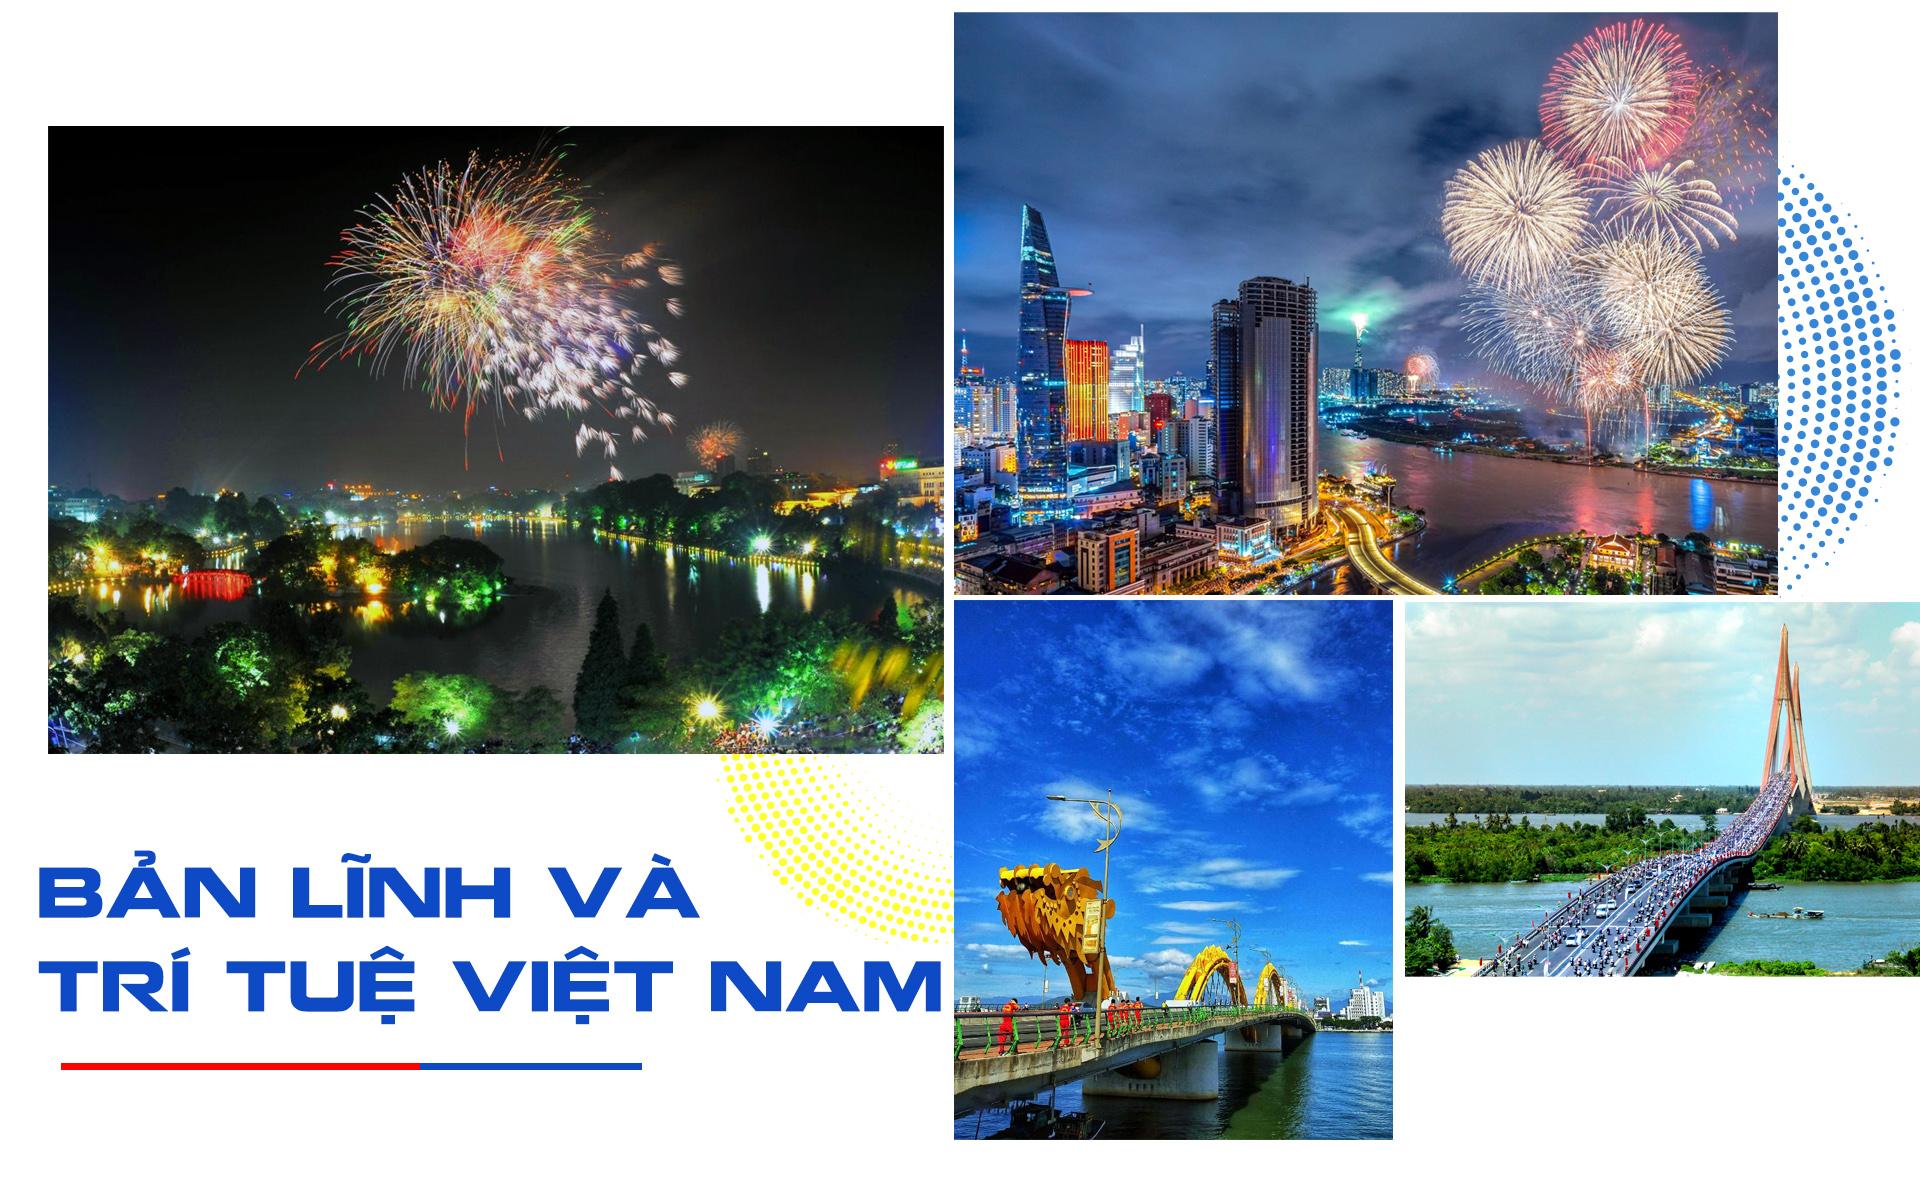 Những thành tựu tăng trưởng giúp Việt Nam nâng cao vị thế -0